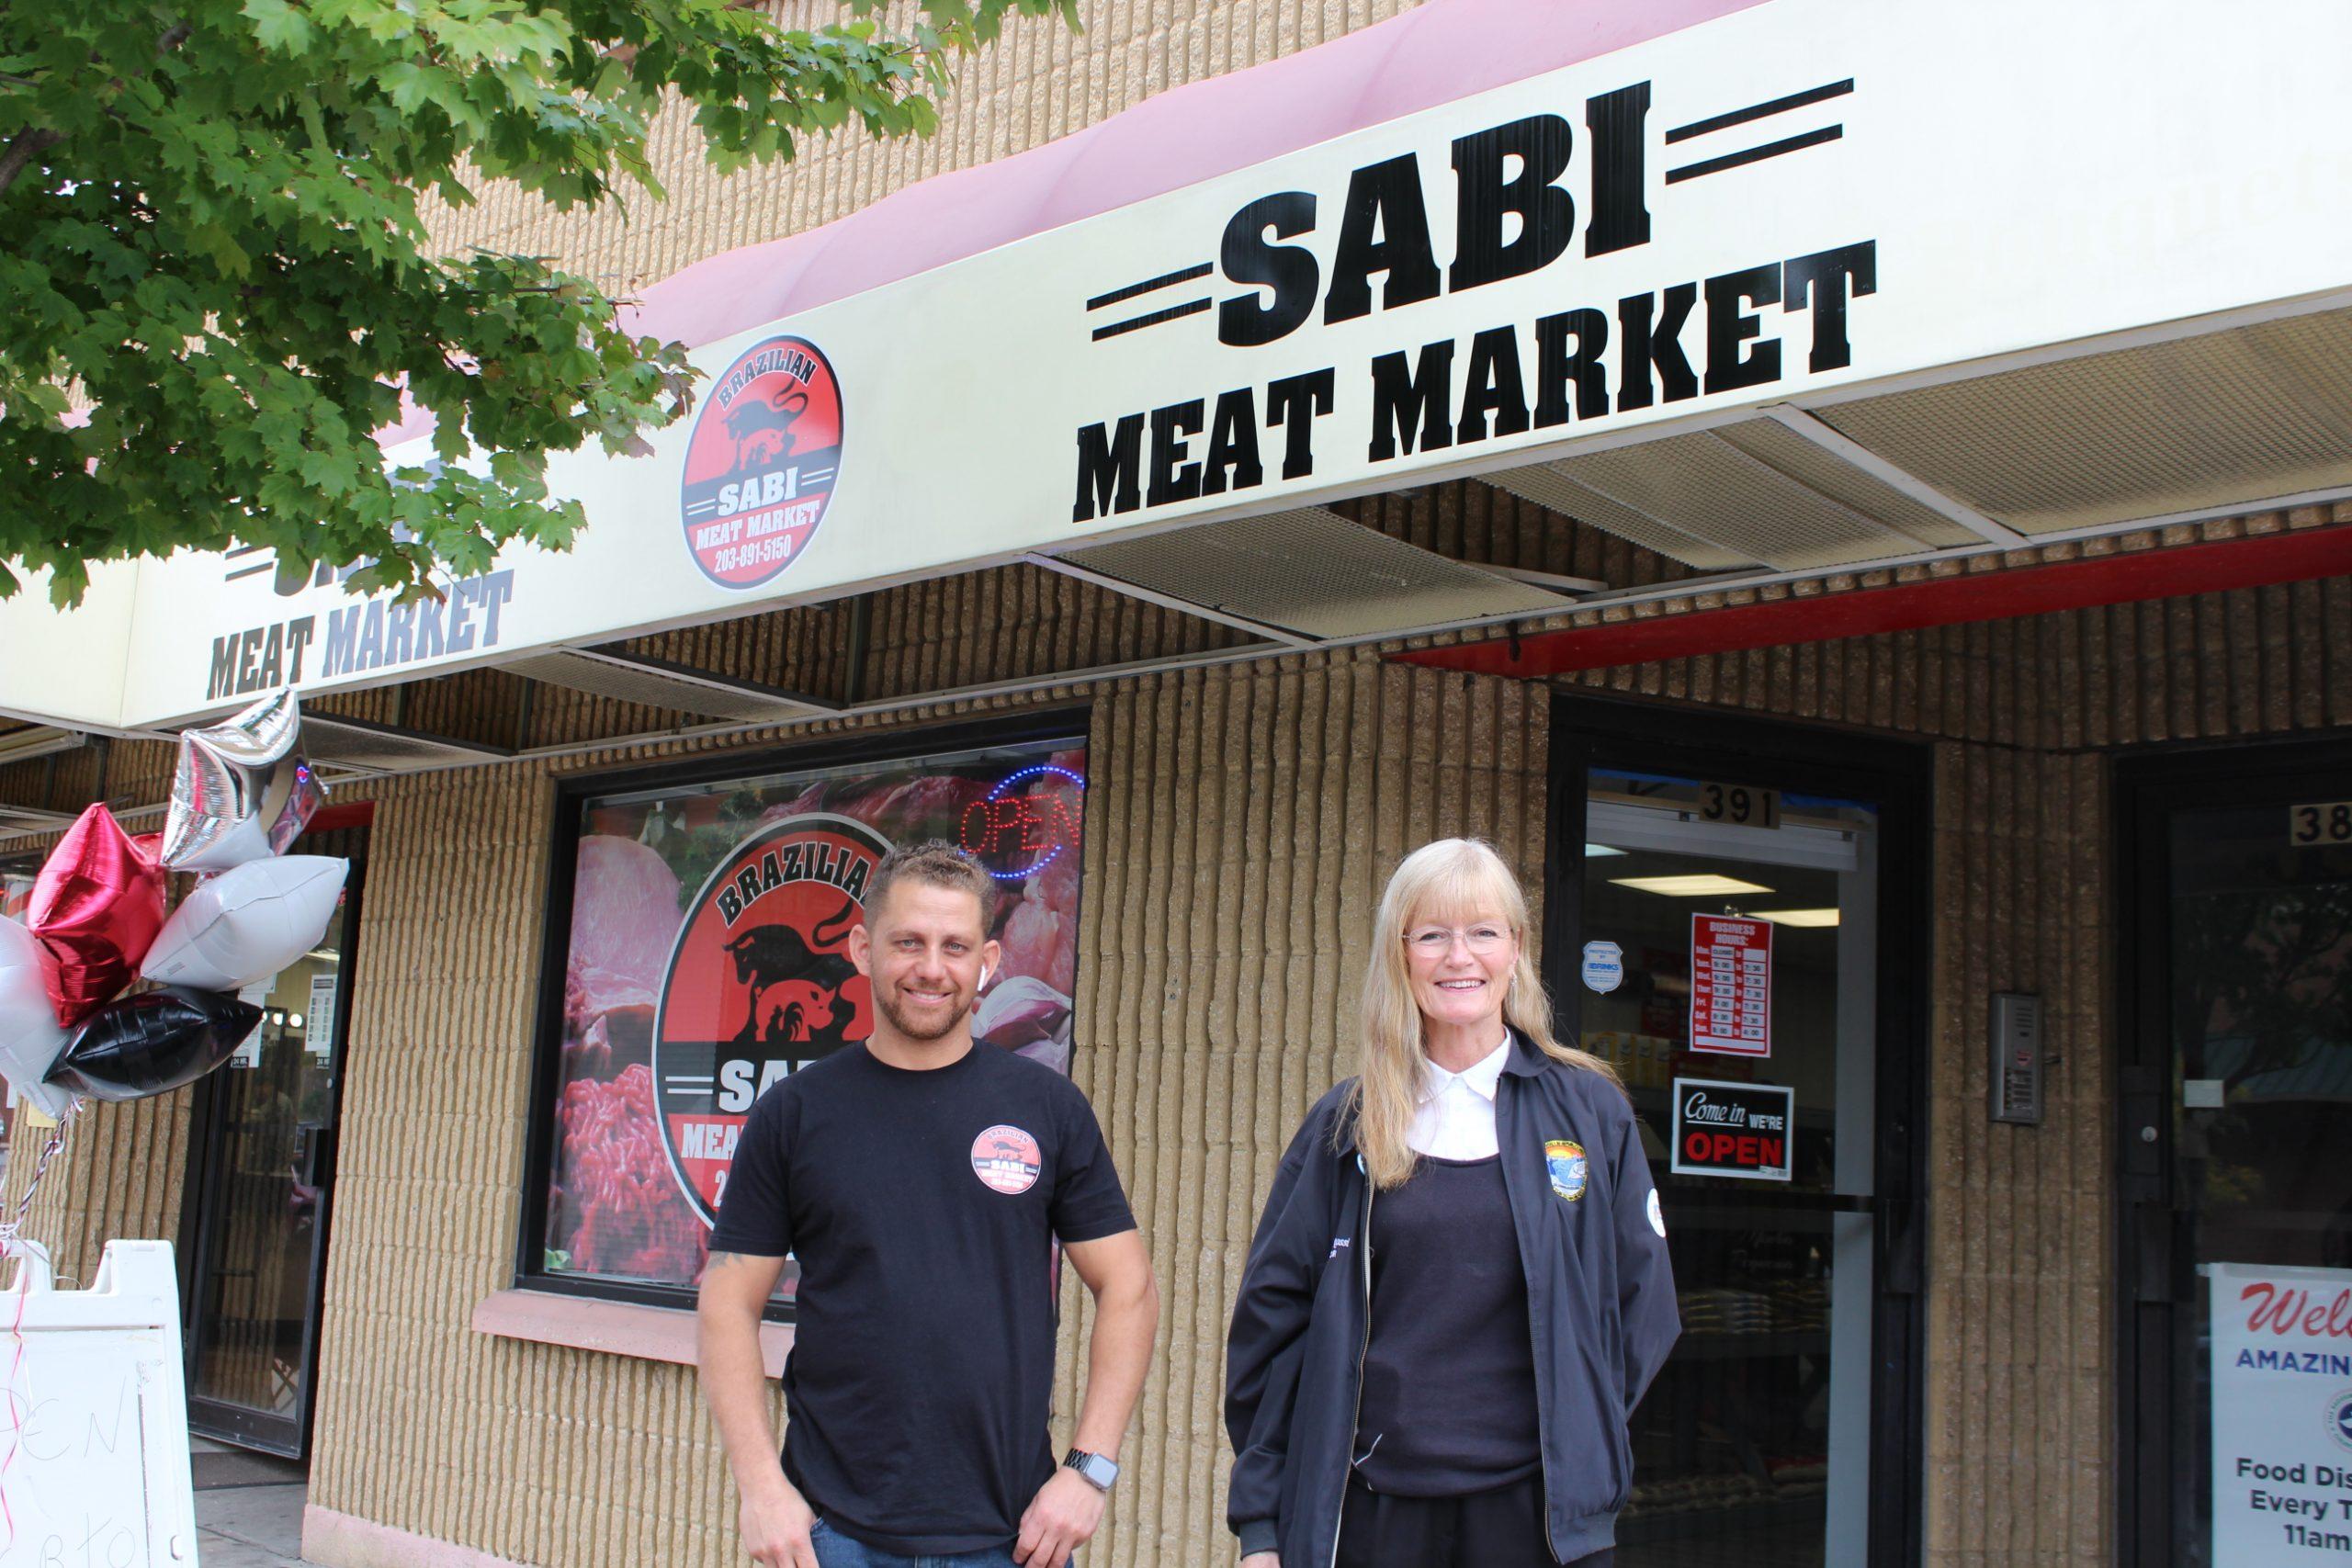 Brazilian meat market opens